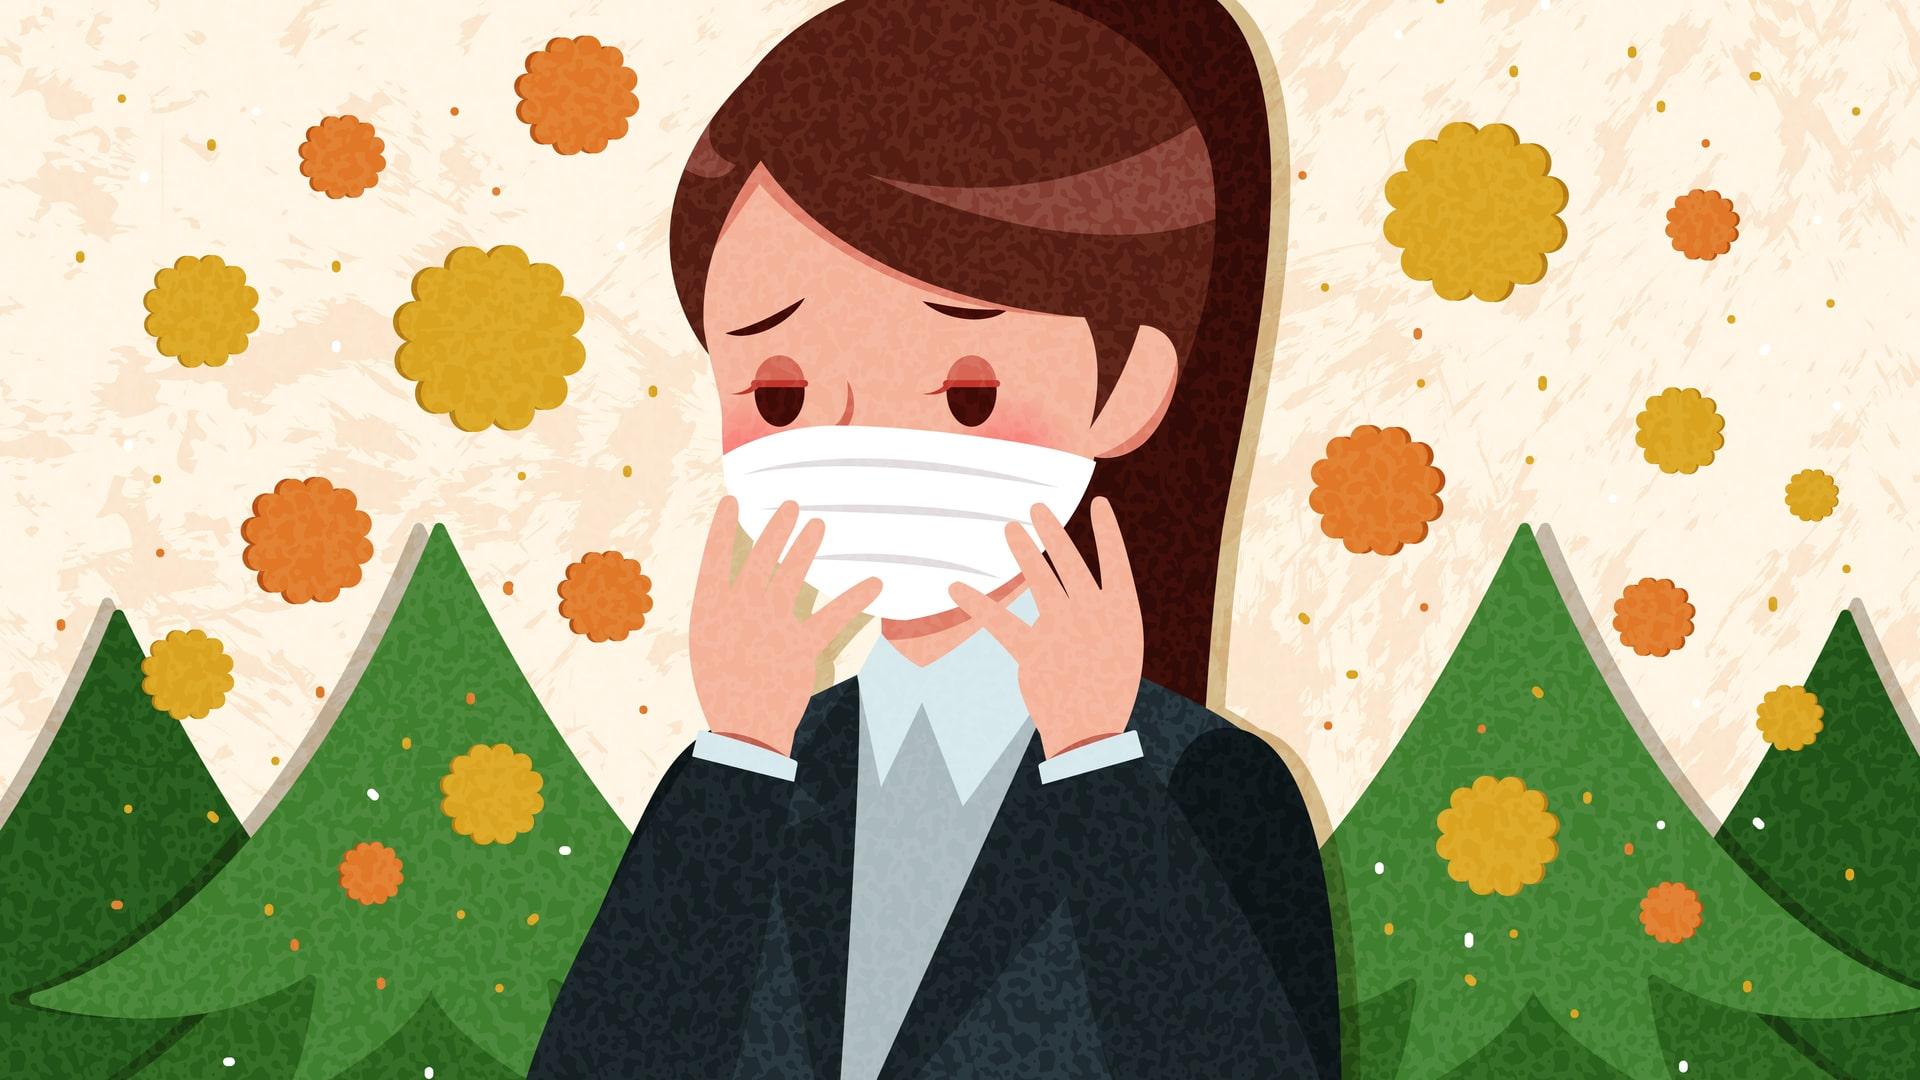 高齢者のインフルエンザの特徴とは?自分でできる予防方法を紹介